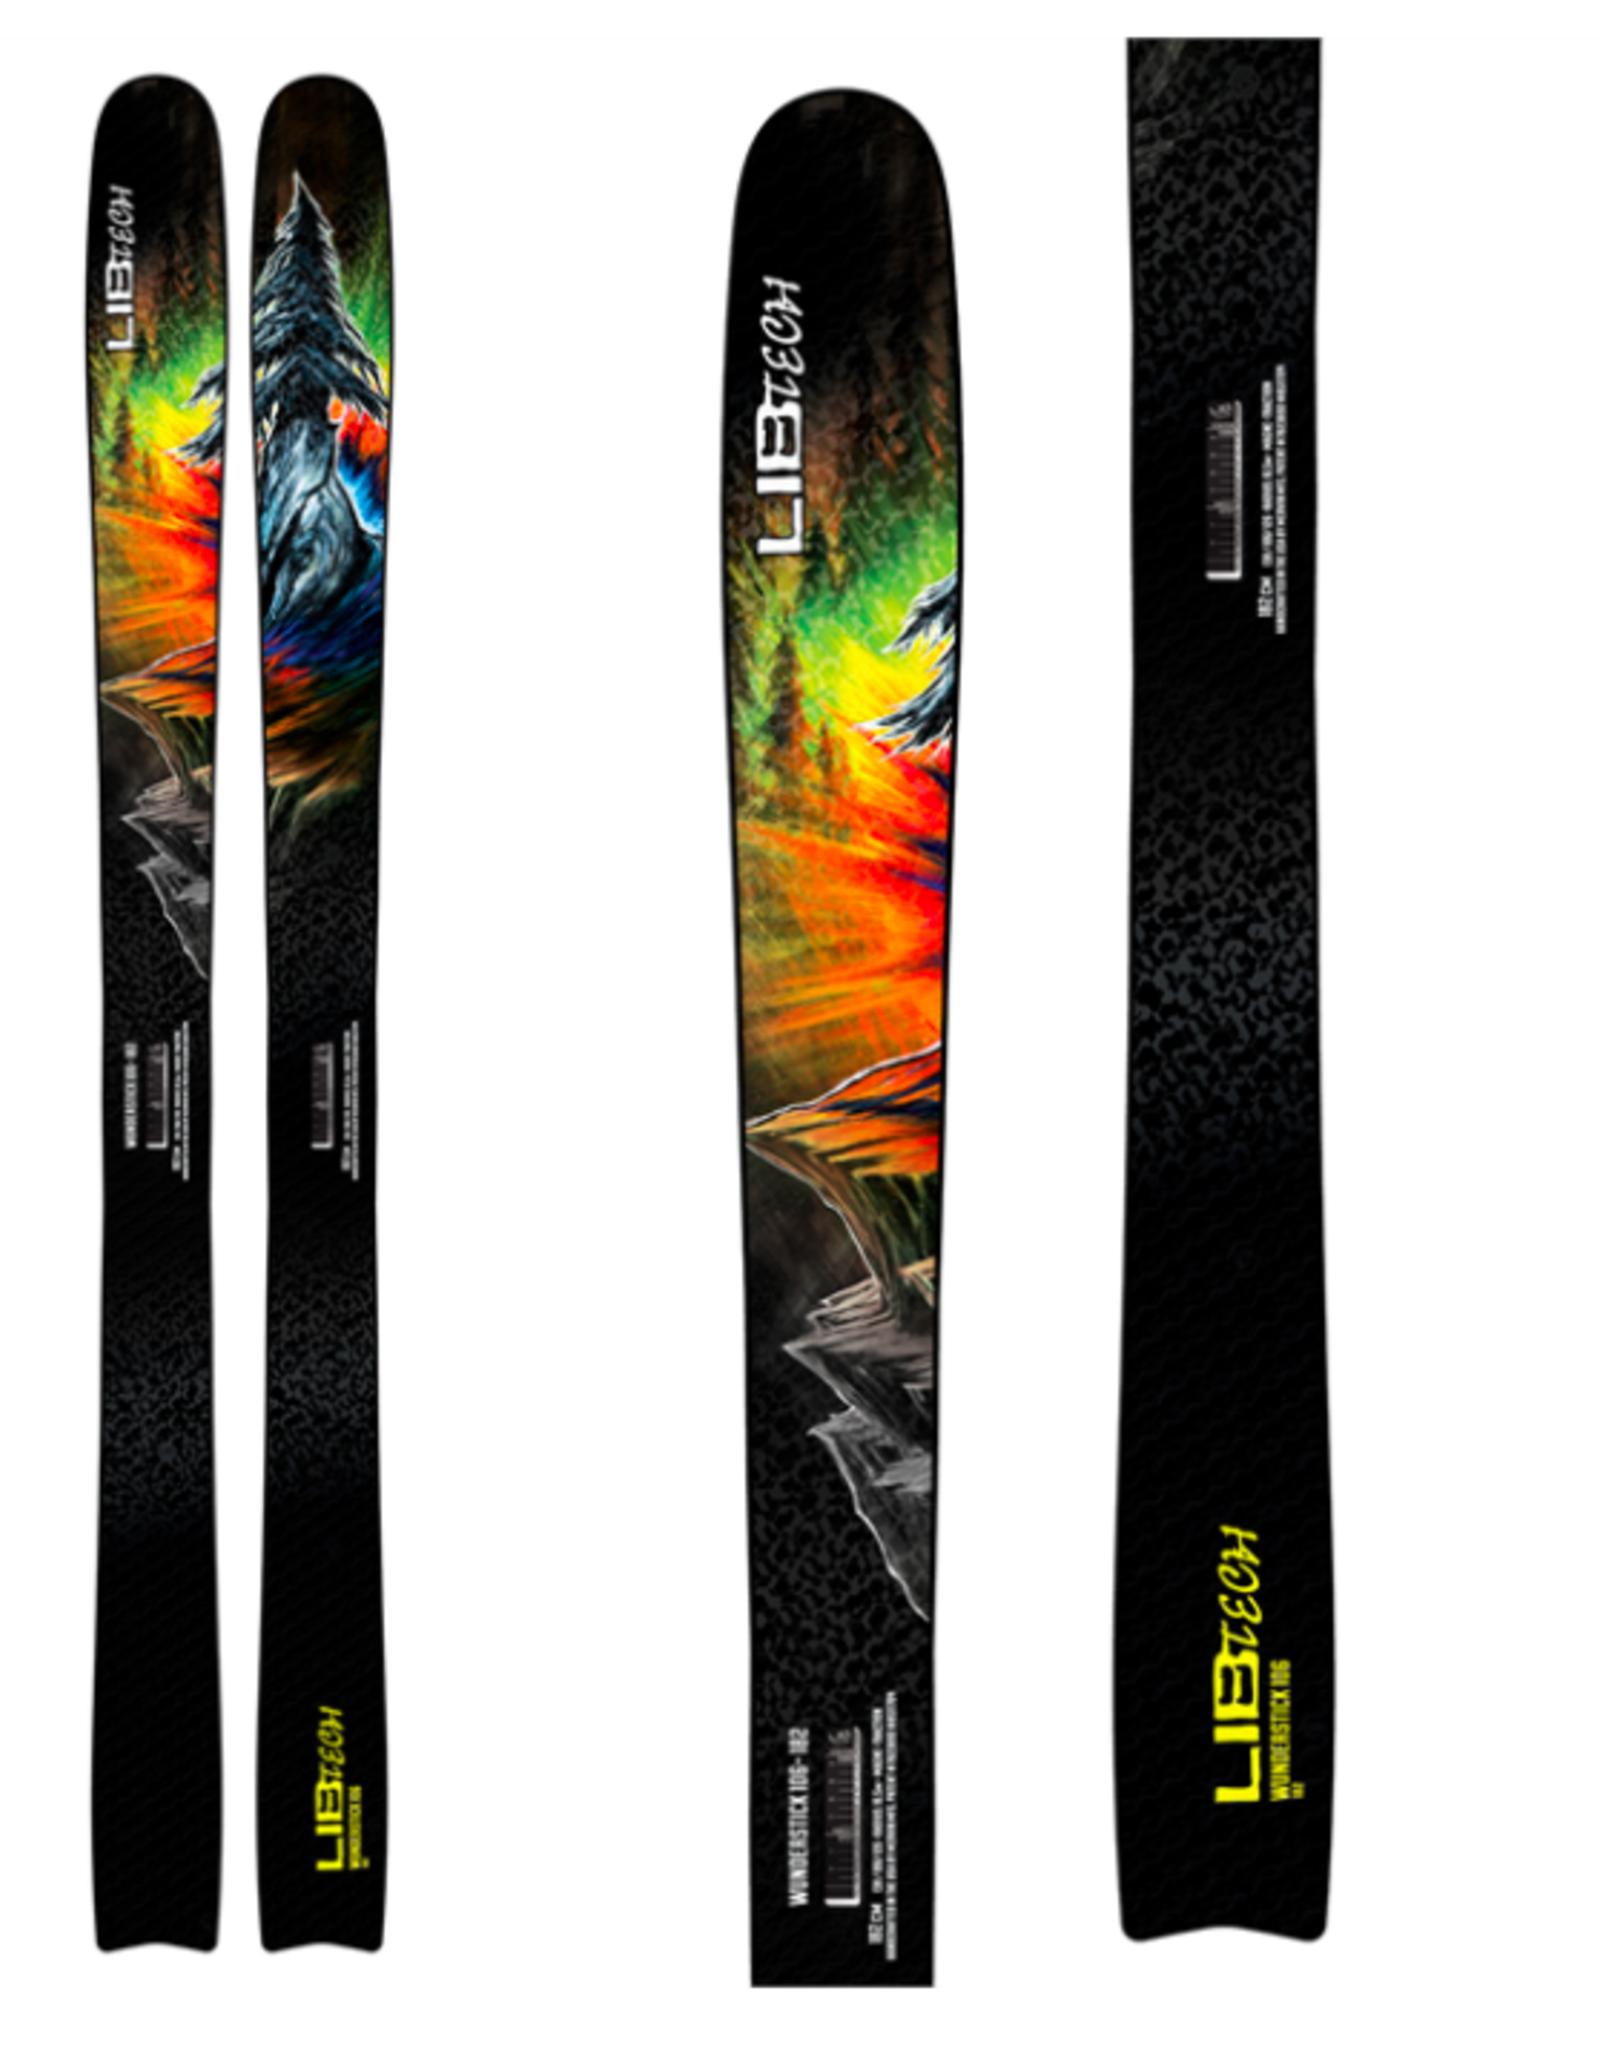 LIB TECH Lib Tech Men's Wunderstick 106 Skis 2022